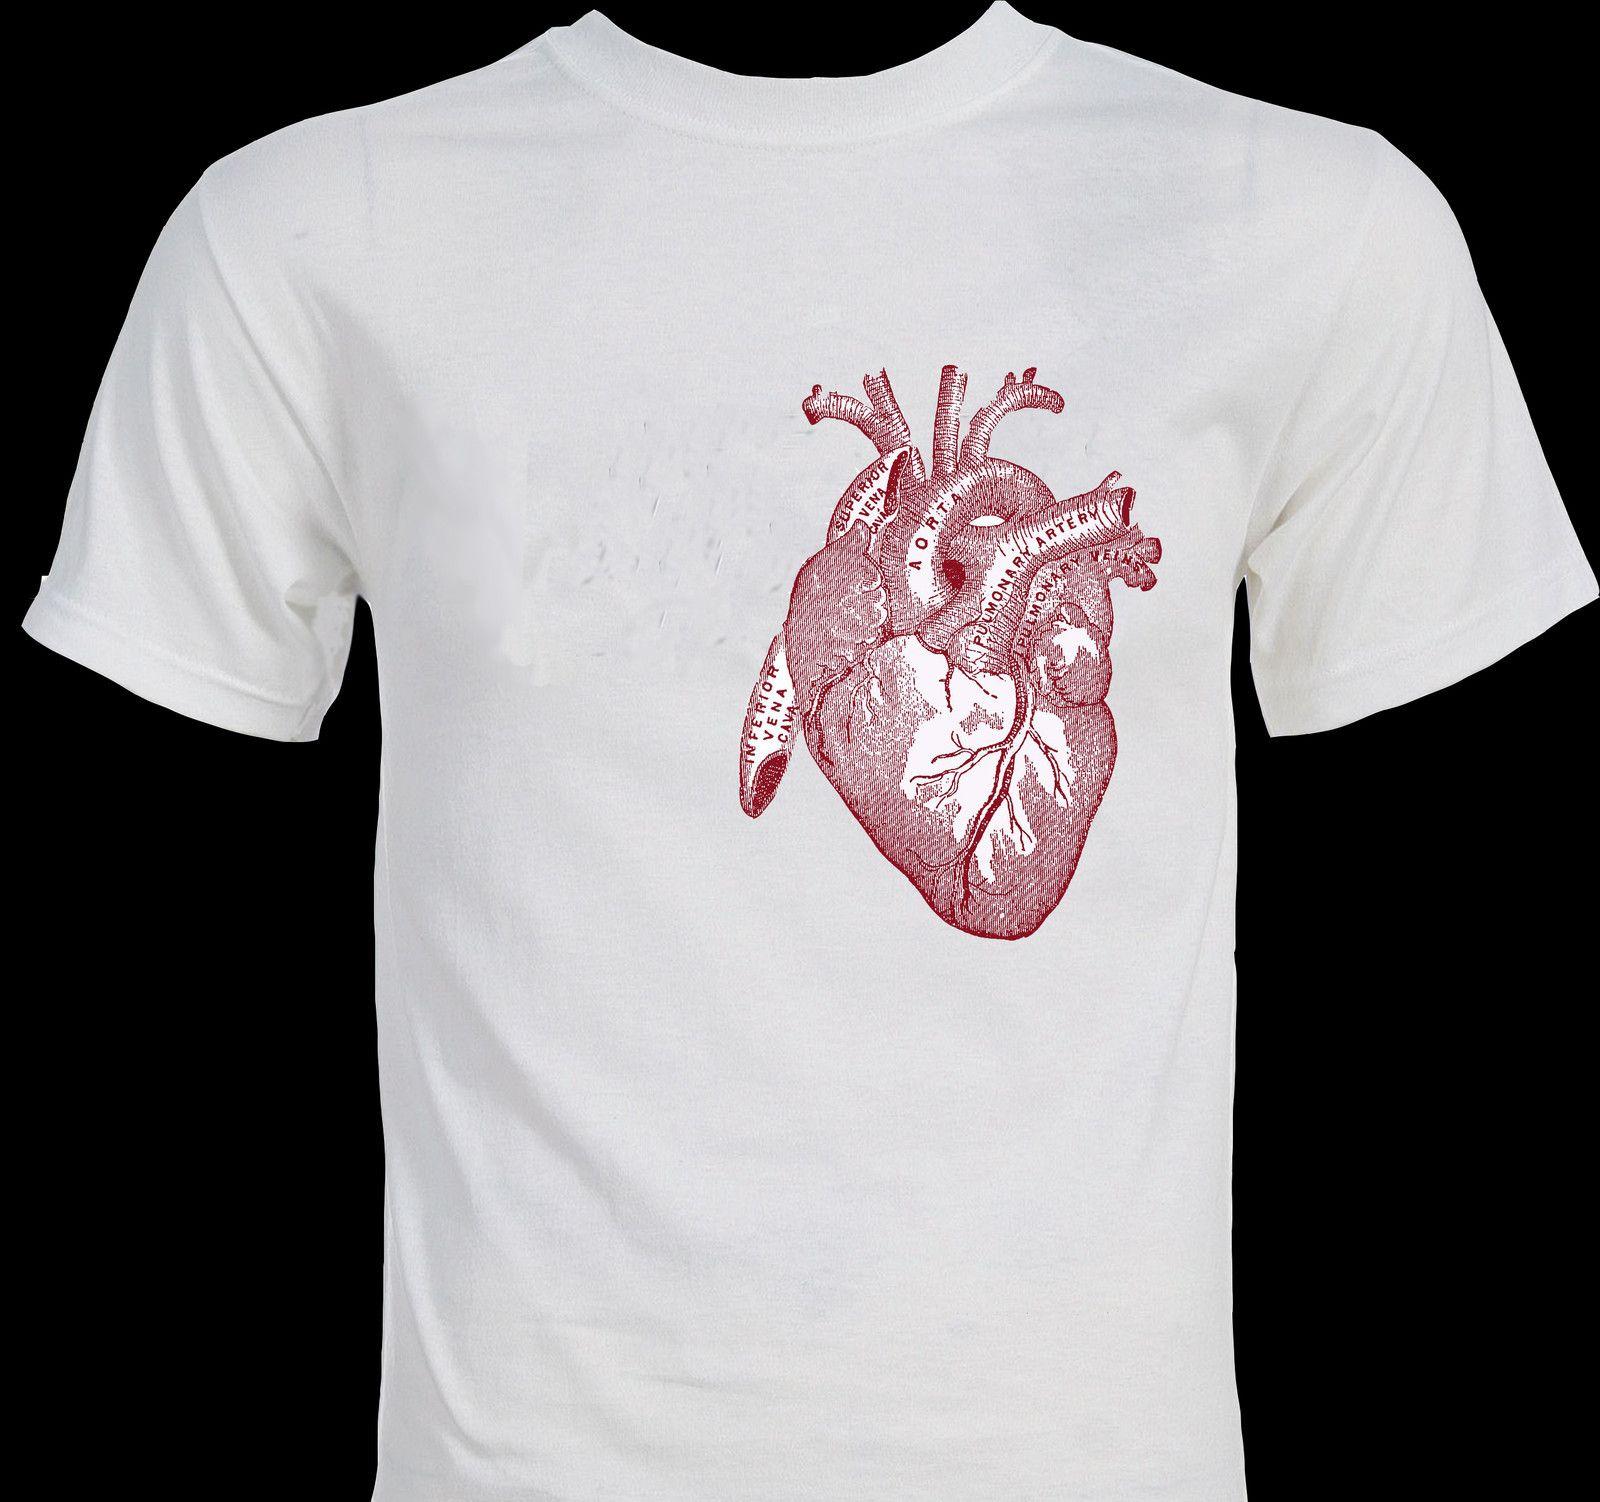 Designs Ideas For Shirts #1 | T-Shirt Design Inspiration | Pinterest ...